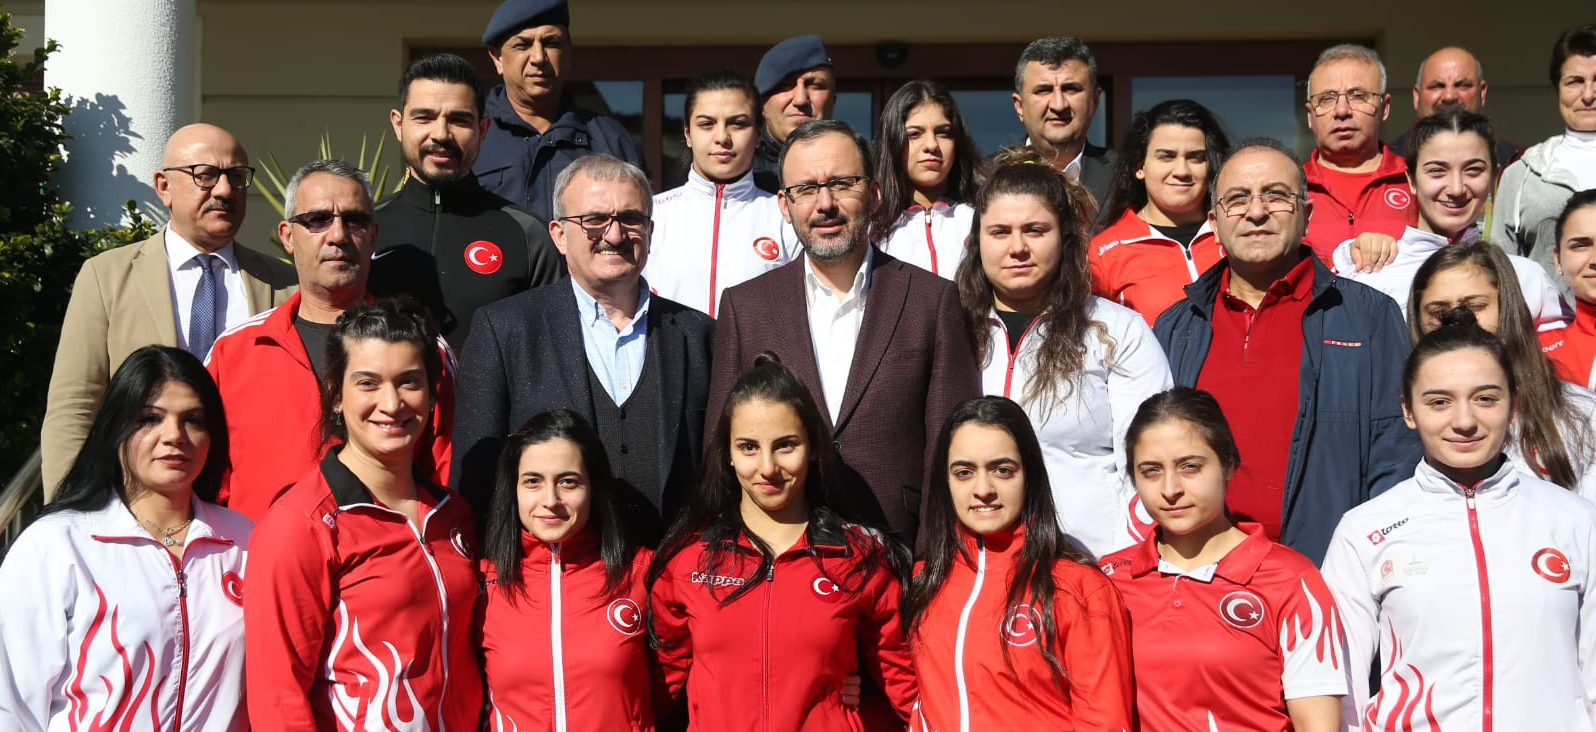 Gençlik ve Spor Bakanımız Dr. Mehmet Muharrem Kasapoğlu, Halter Kadın Milli Takımını Ziyaret Etti.